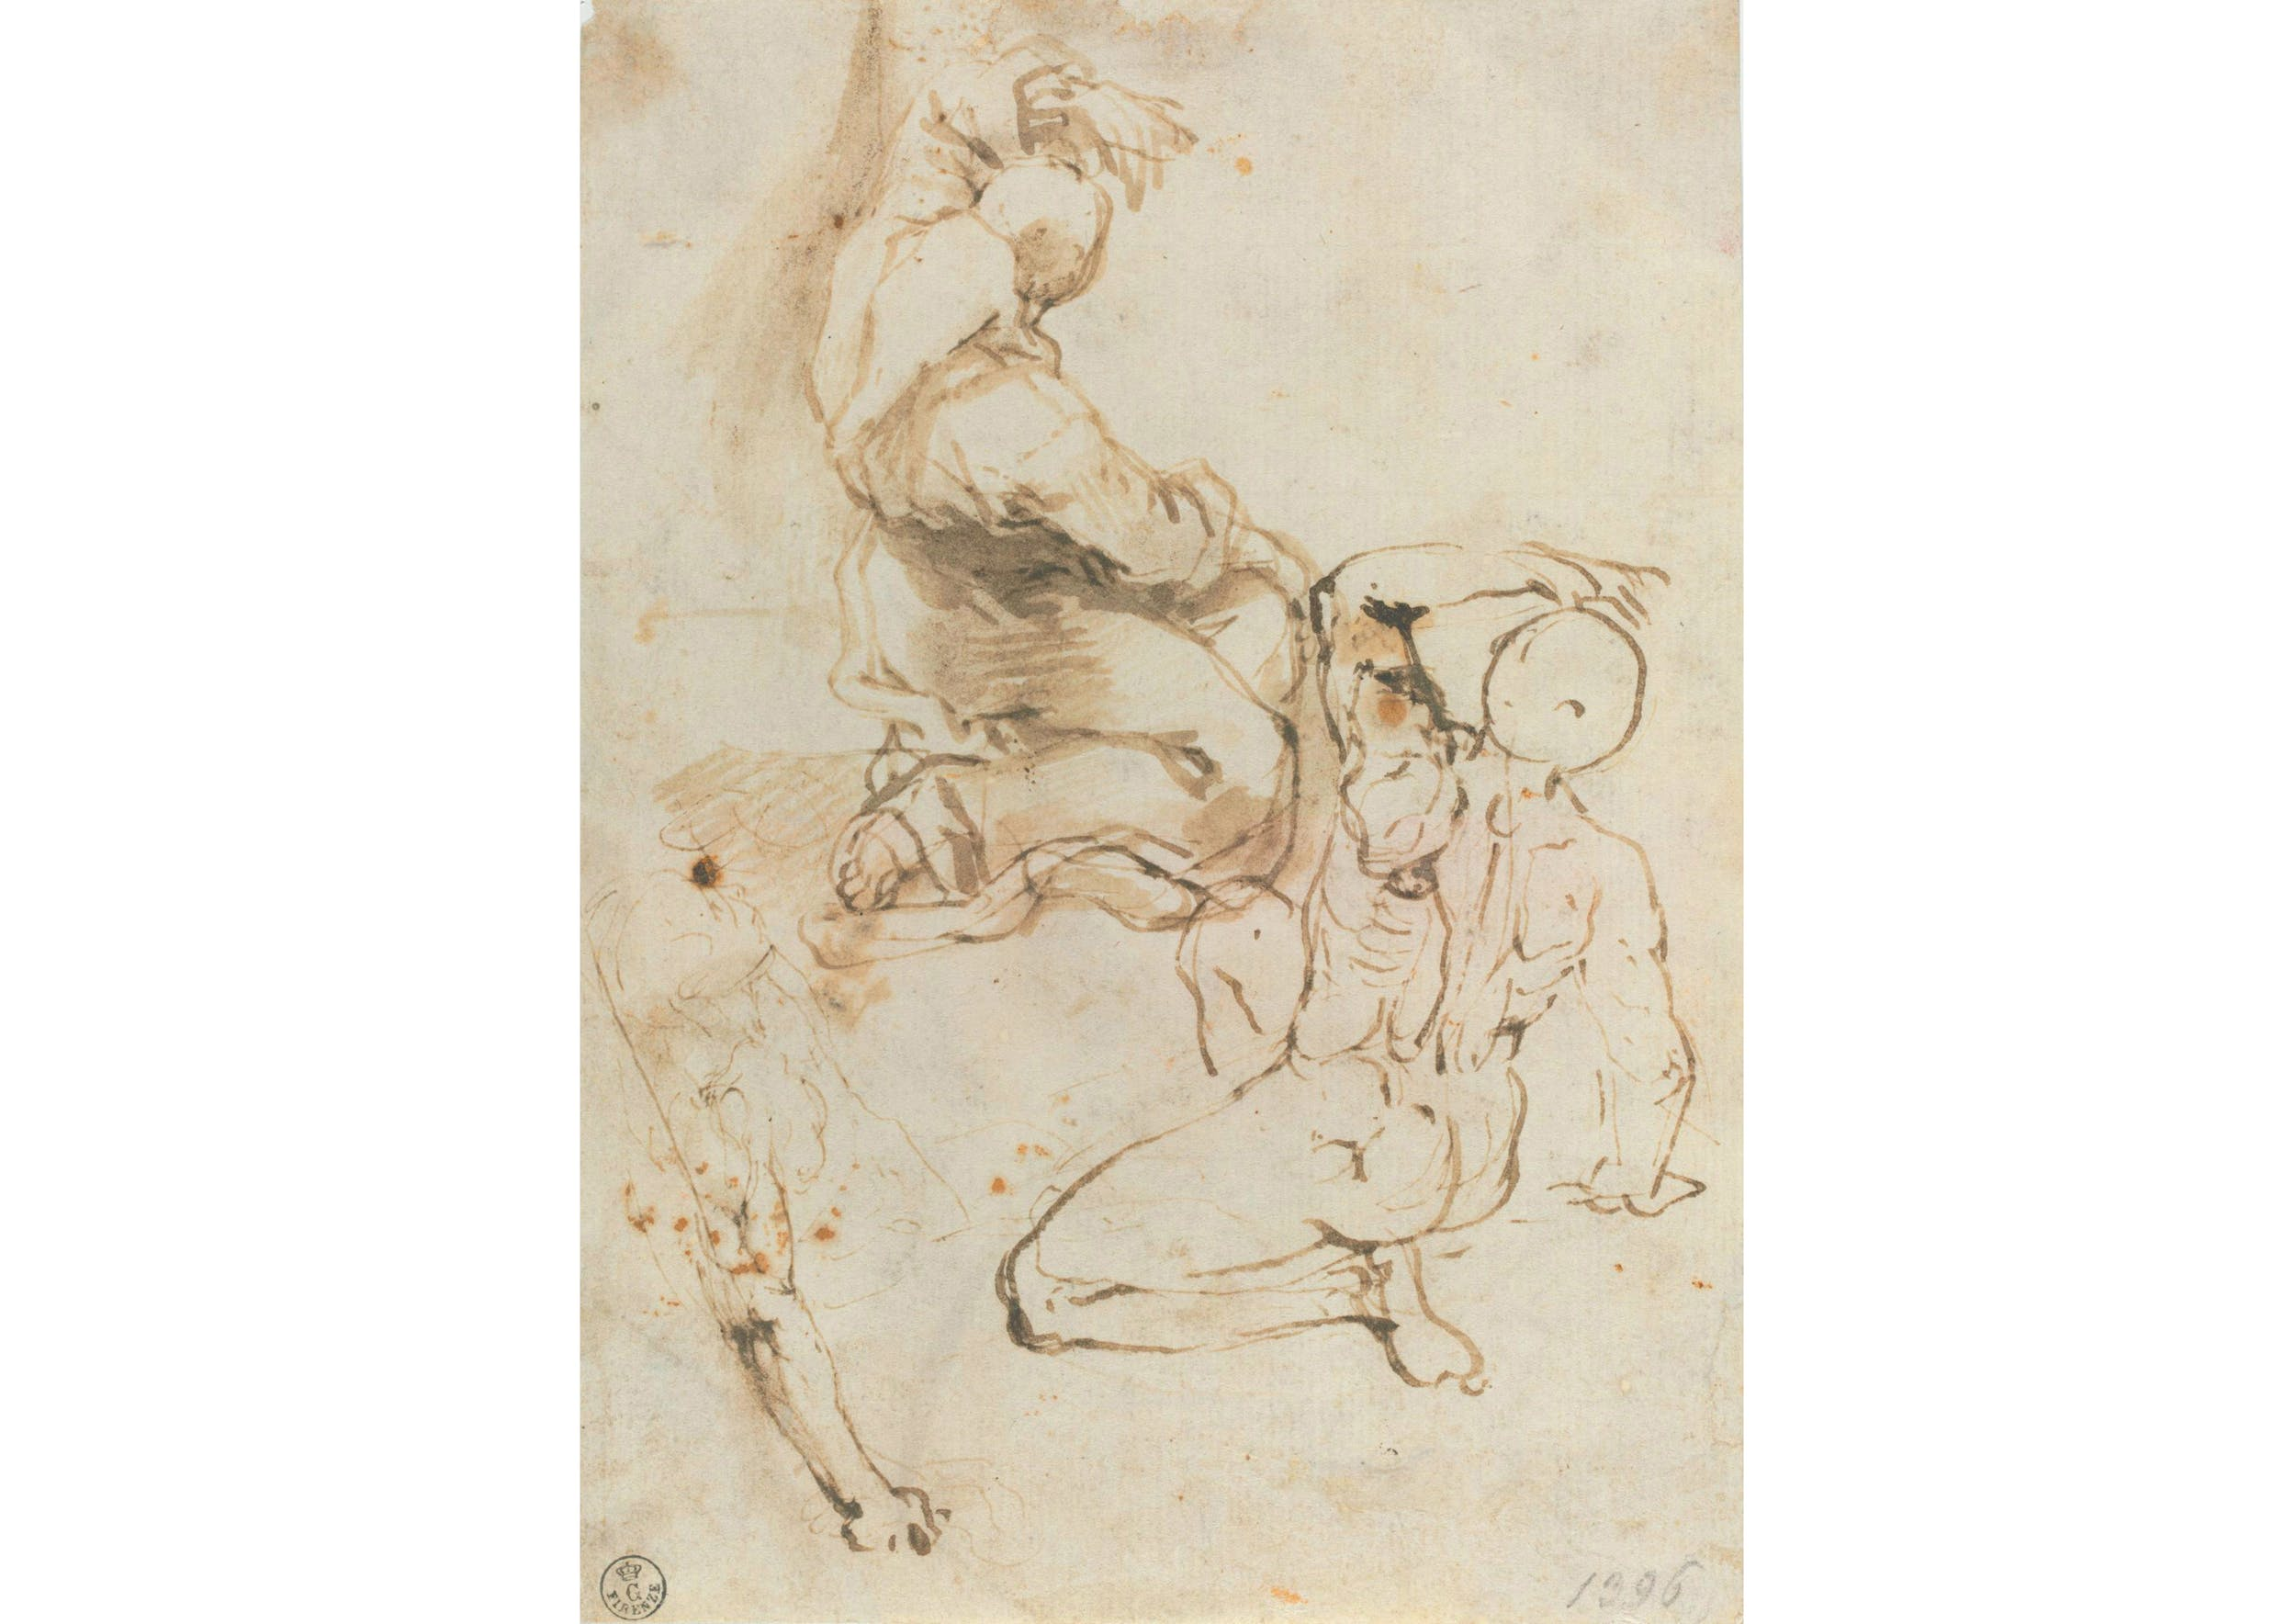 Penna e inchiostro, pennello e inchiostro diluito, carta (214 x 153 mm.) - Inv. 1396 F recto